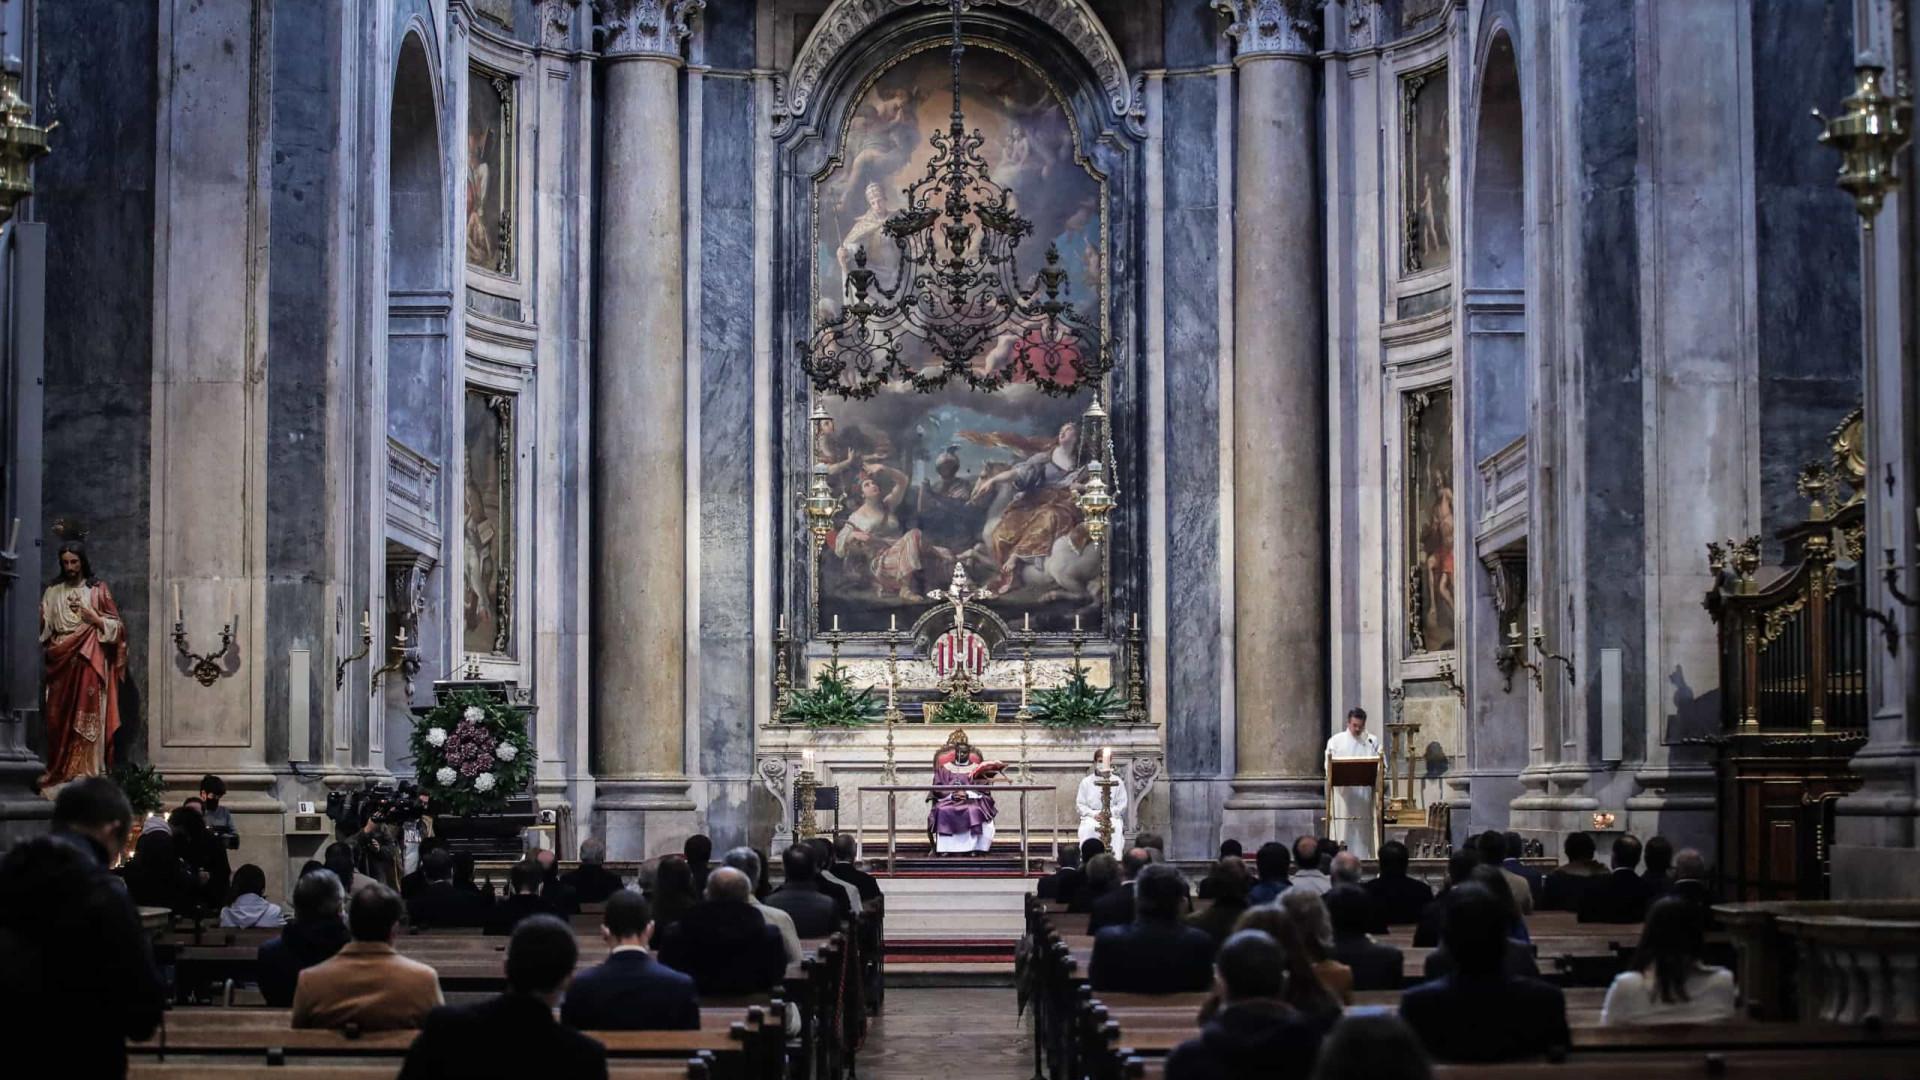 Velório de António Torrado amanhã na Basílica da Estrela